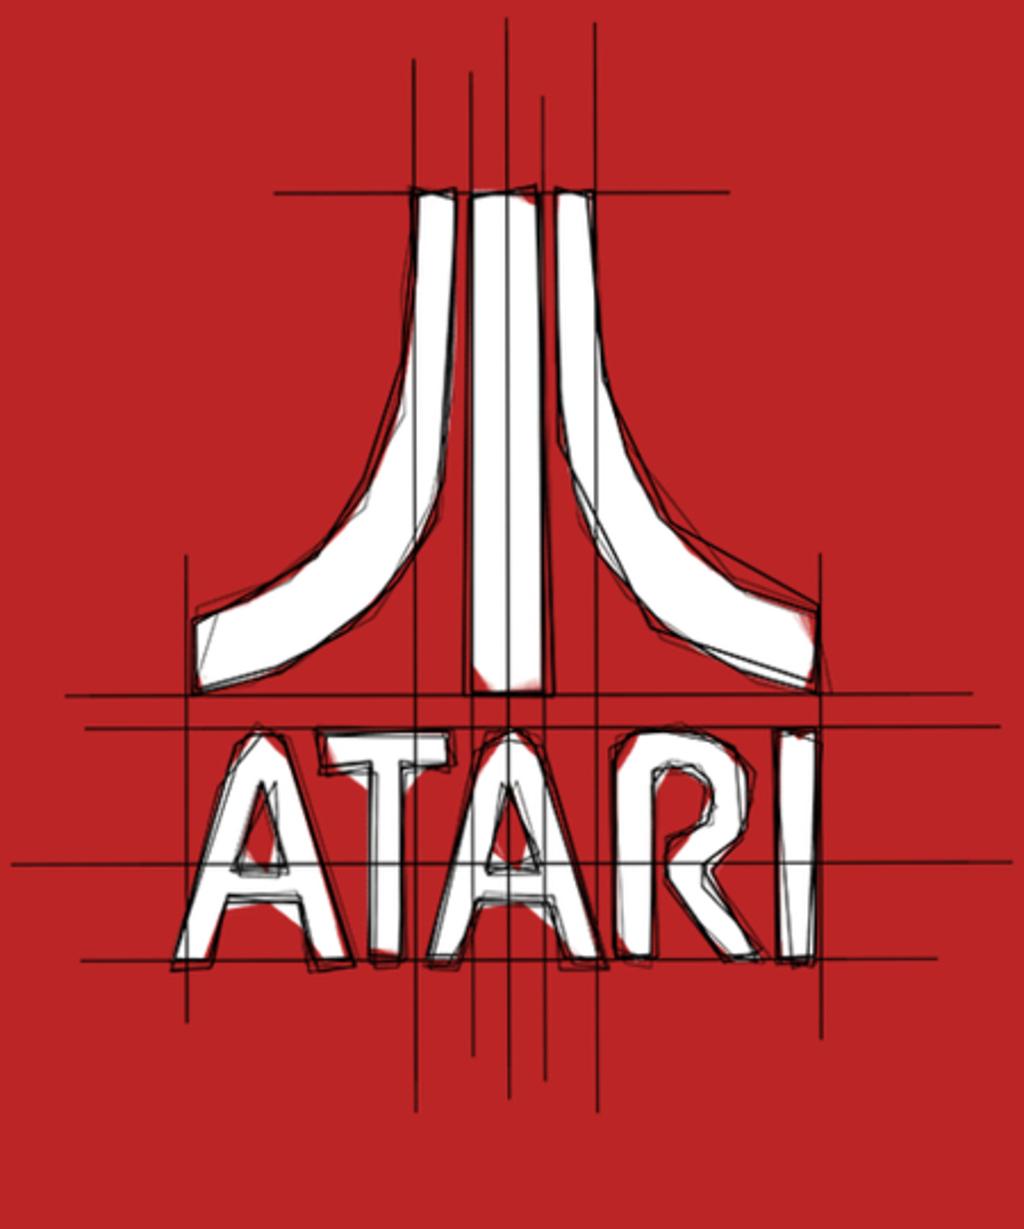 Qwertee: Sketch Atari